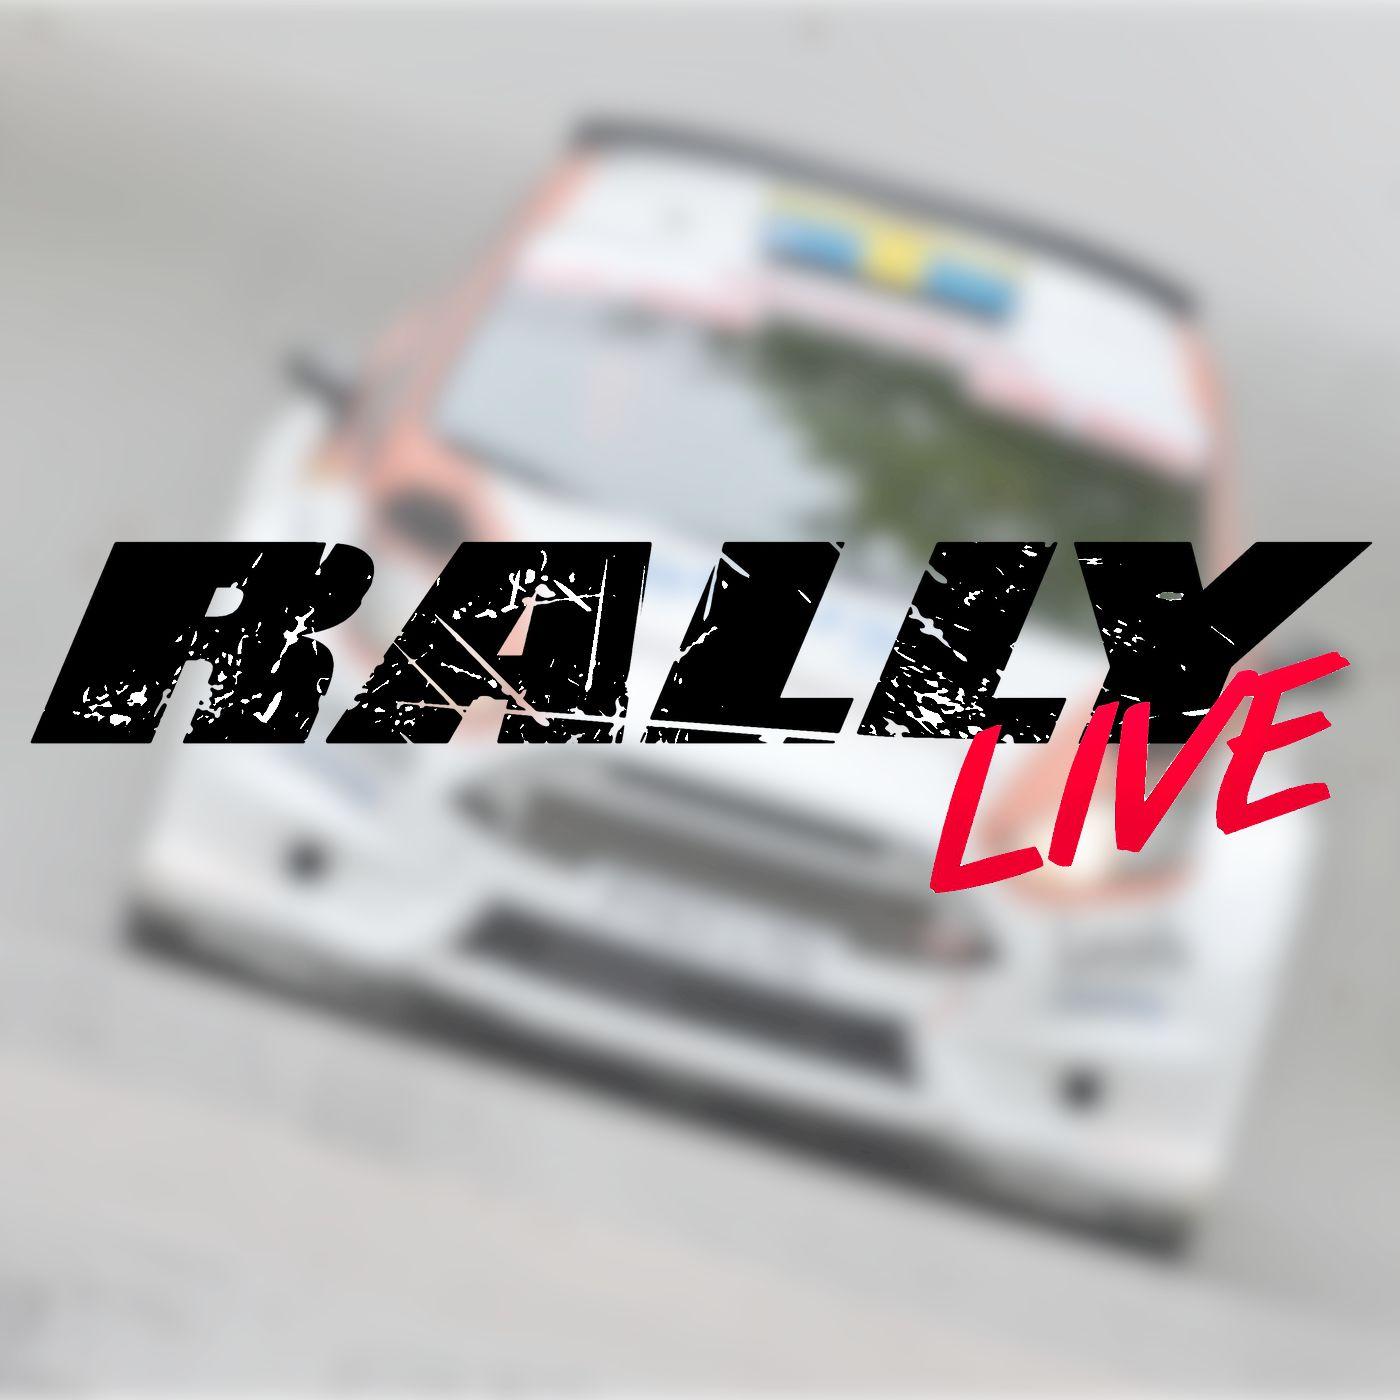 Rallystudion by Hankook: Ragnar Spjuth